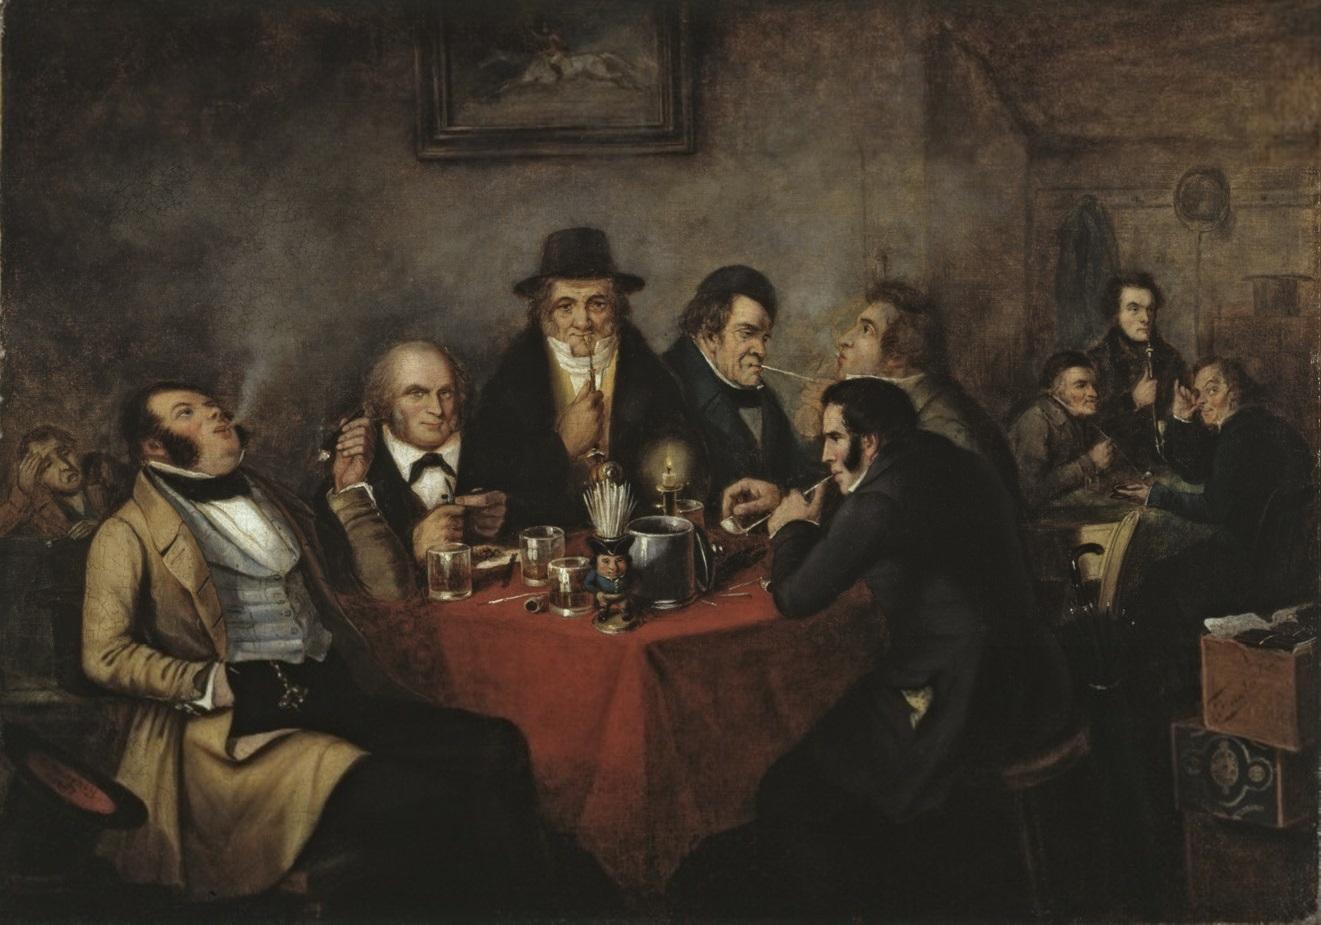 Peinture de divers membres du Shakespeare Club de 1847. John Young apparaît sur la gauche du tableau, soufflant de la fumée dans l'air.